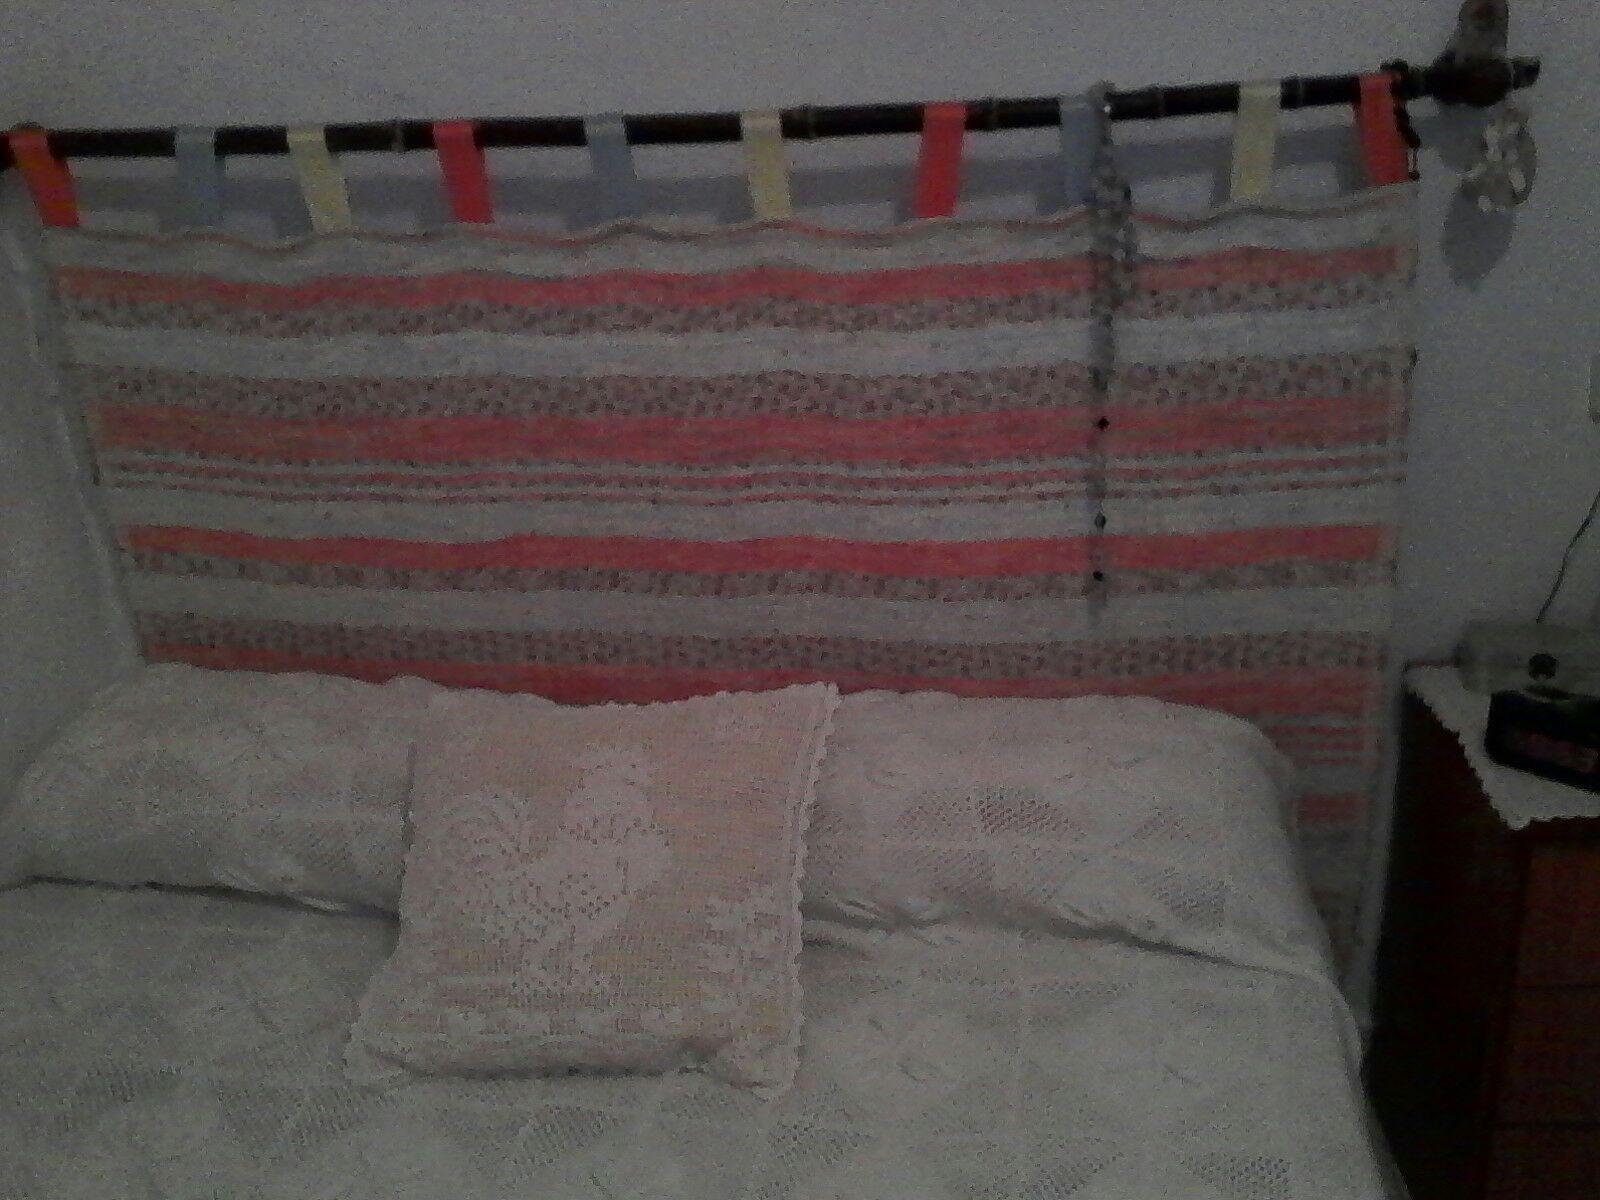 Una jarapa lo mismo es para una alfombra que para tapiz en las paredes o cabecero de cama